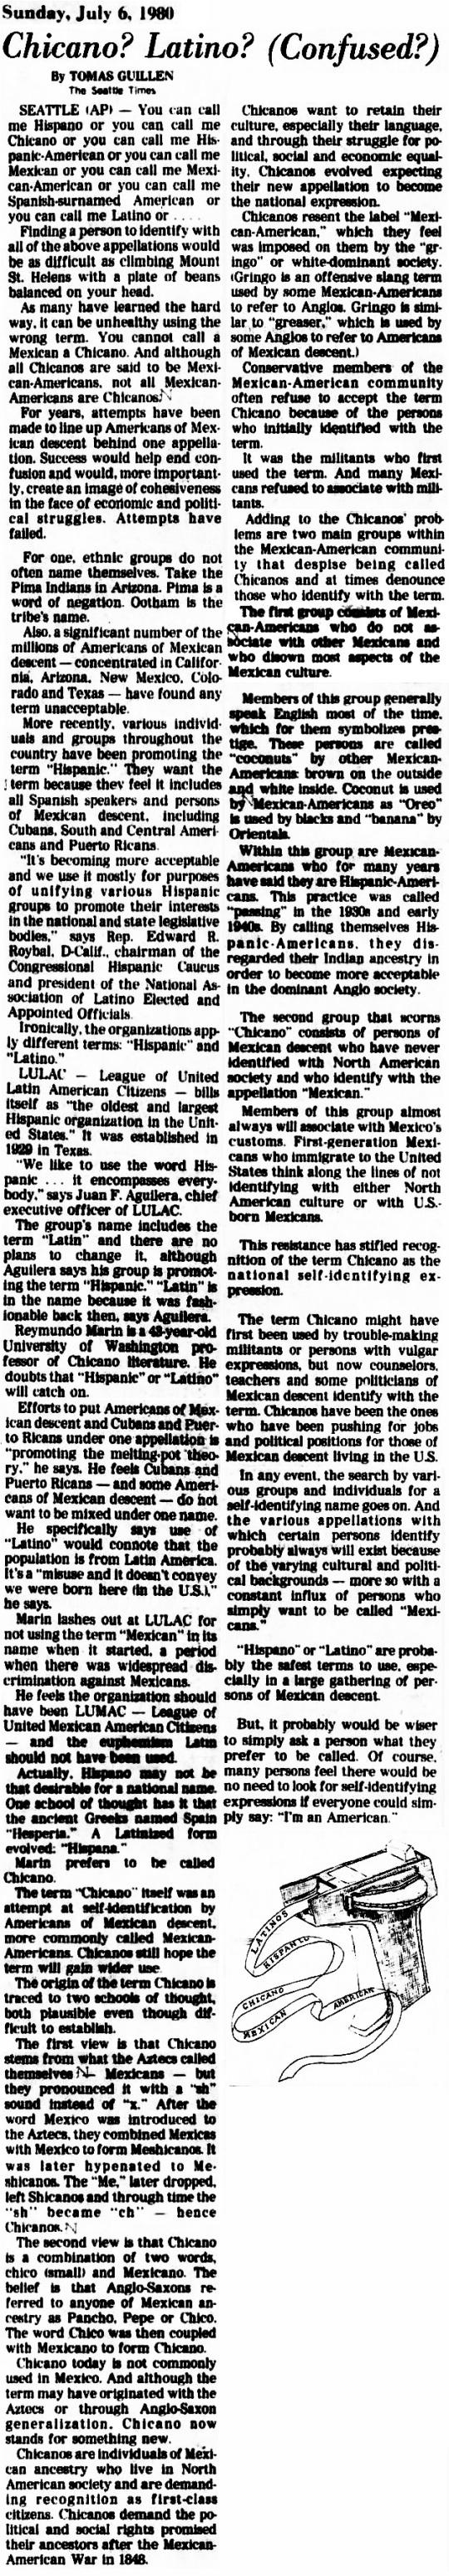 1980 Hispanic